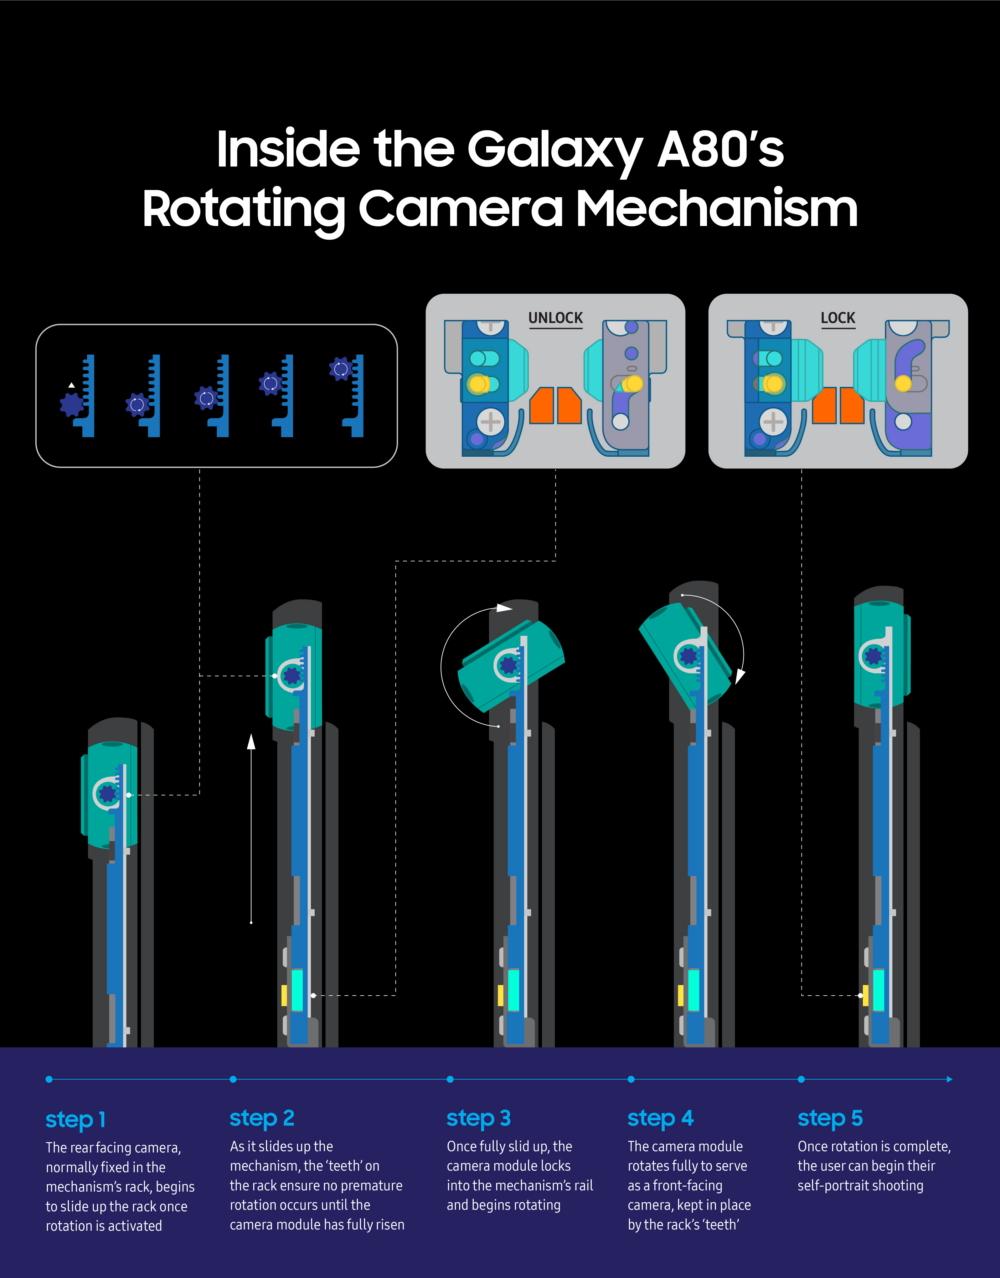 Samsung наглядно объяснила, как устроена инновационная камера-перевертыш смартфона Galaxy A80